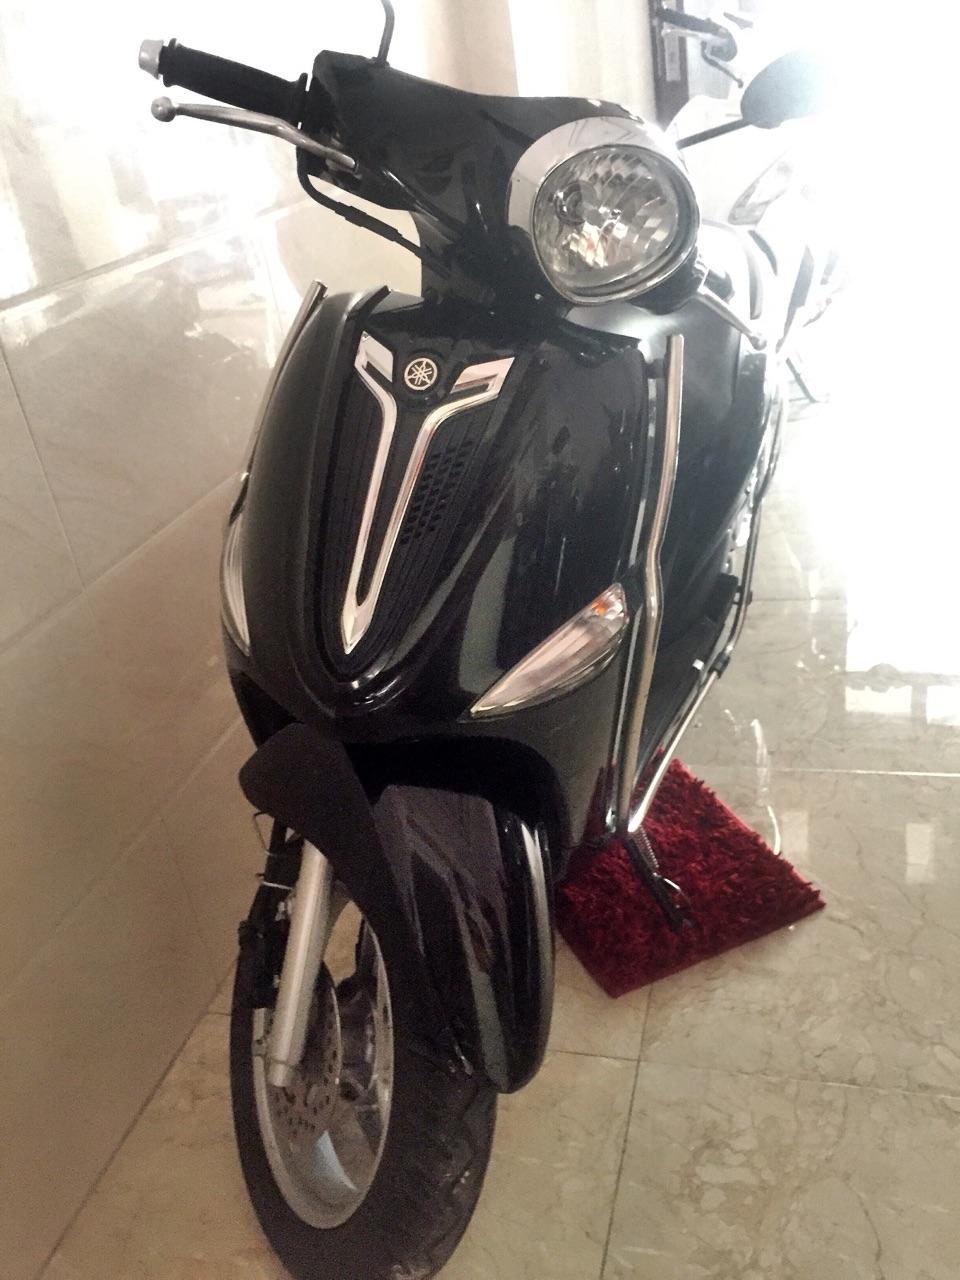 Yamaha Nozza xe Bien so VIP doi cuoi nu chay - 4